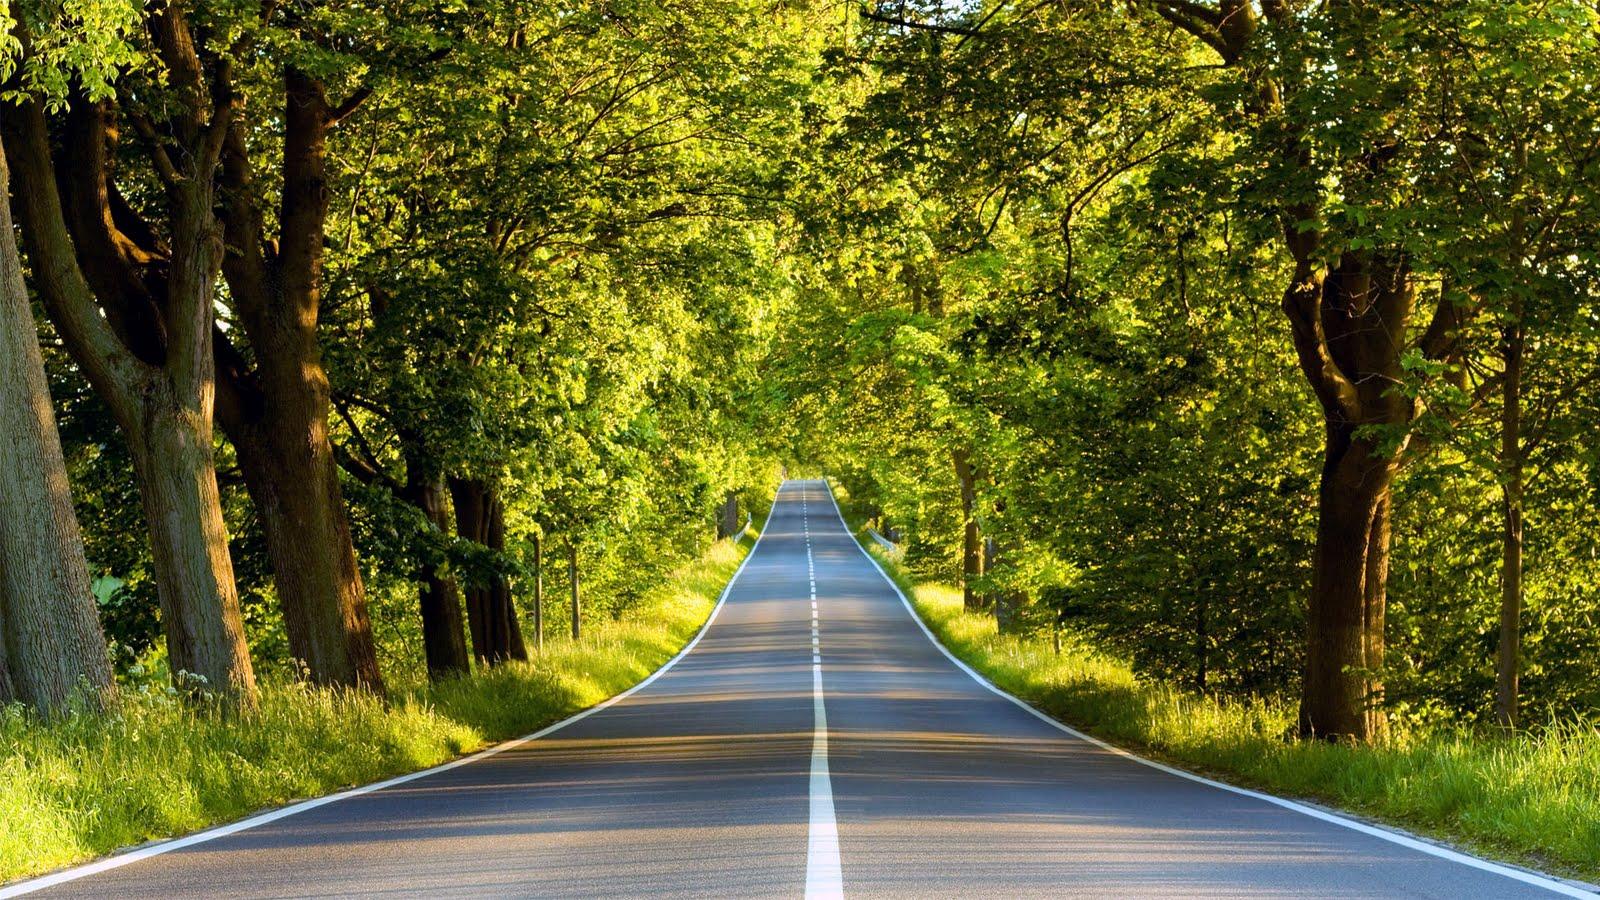 まっすぐな道の画像です。